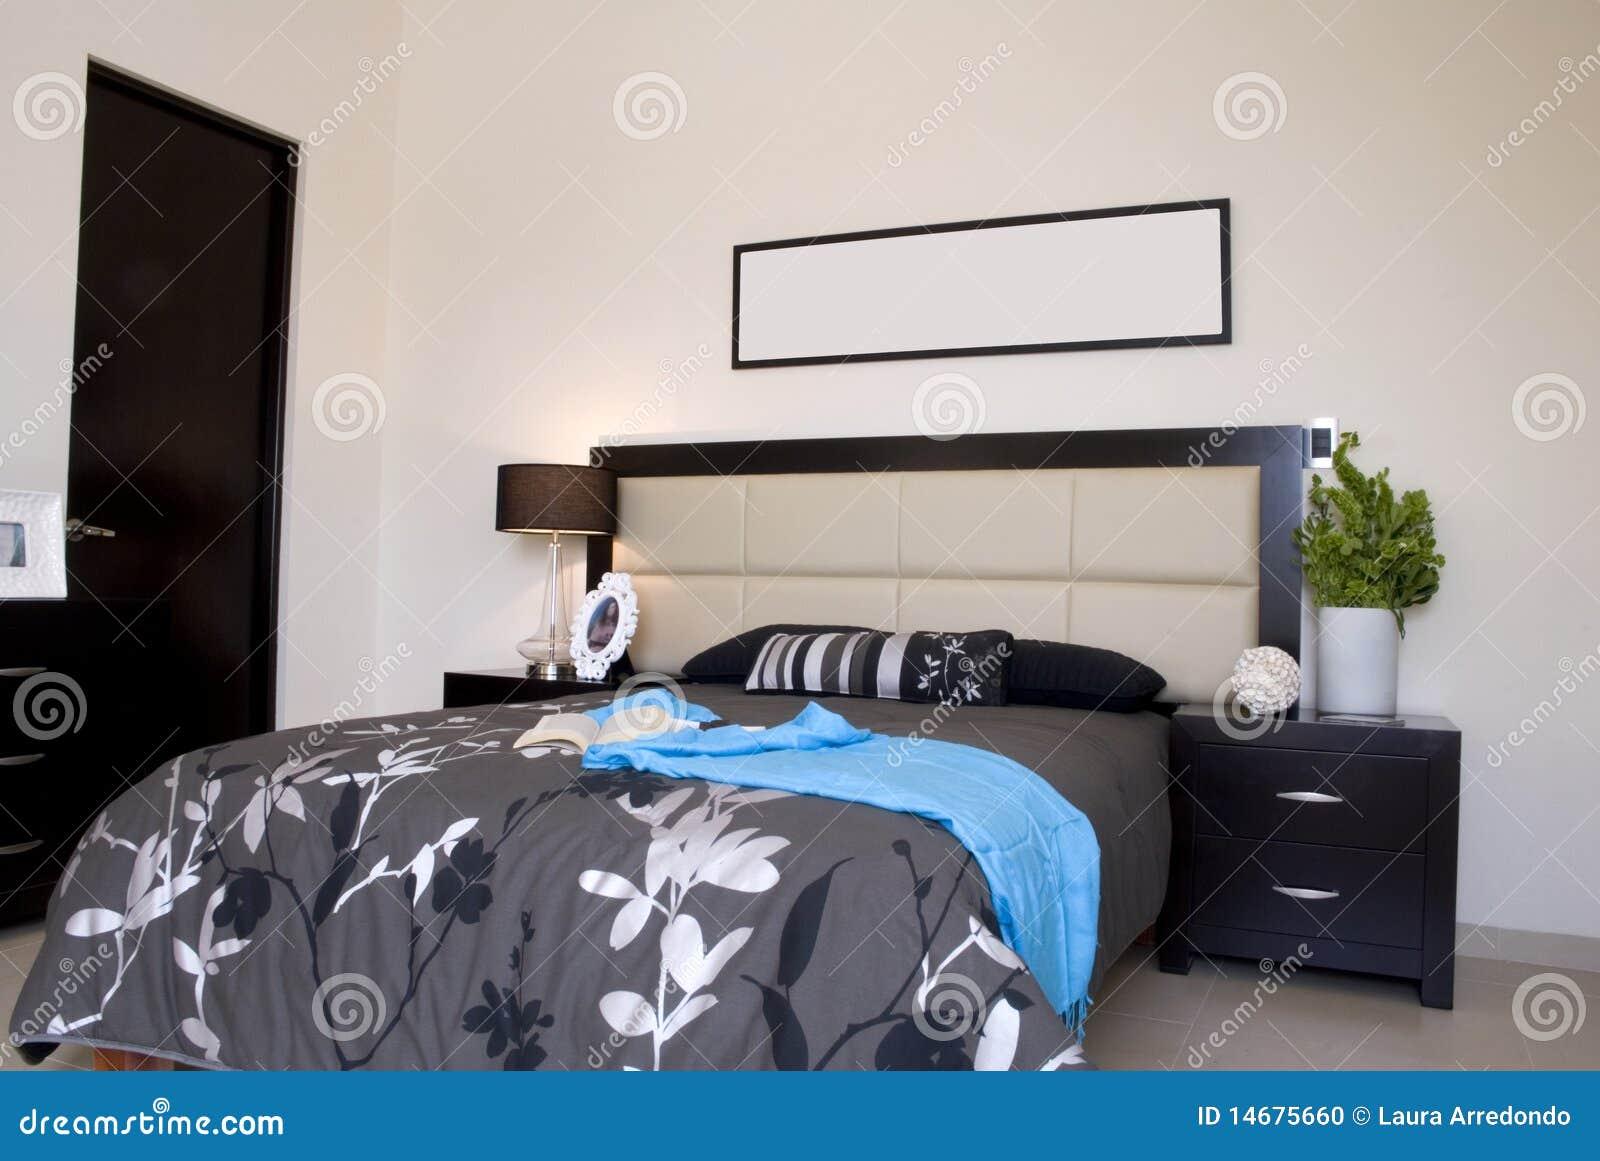 Chambre à coucher noire photo stock. Image du noir, sommeil - 14675660